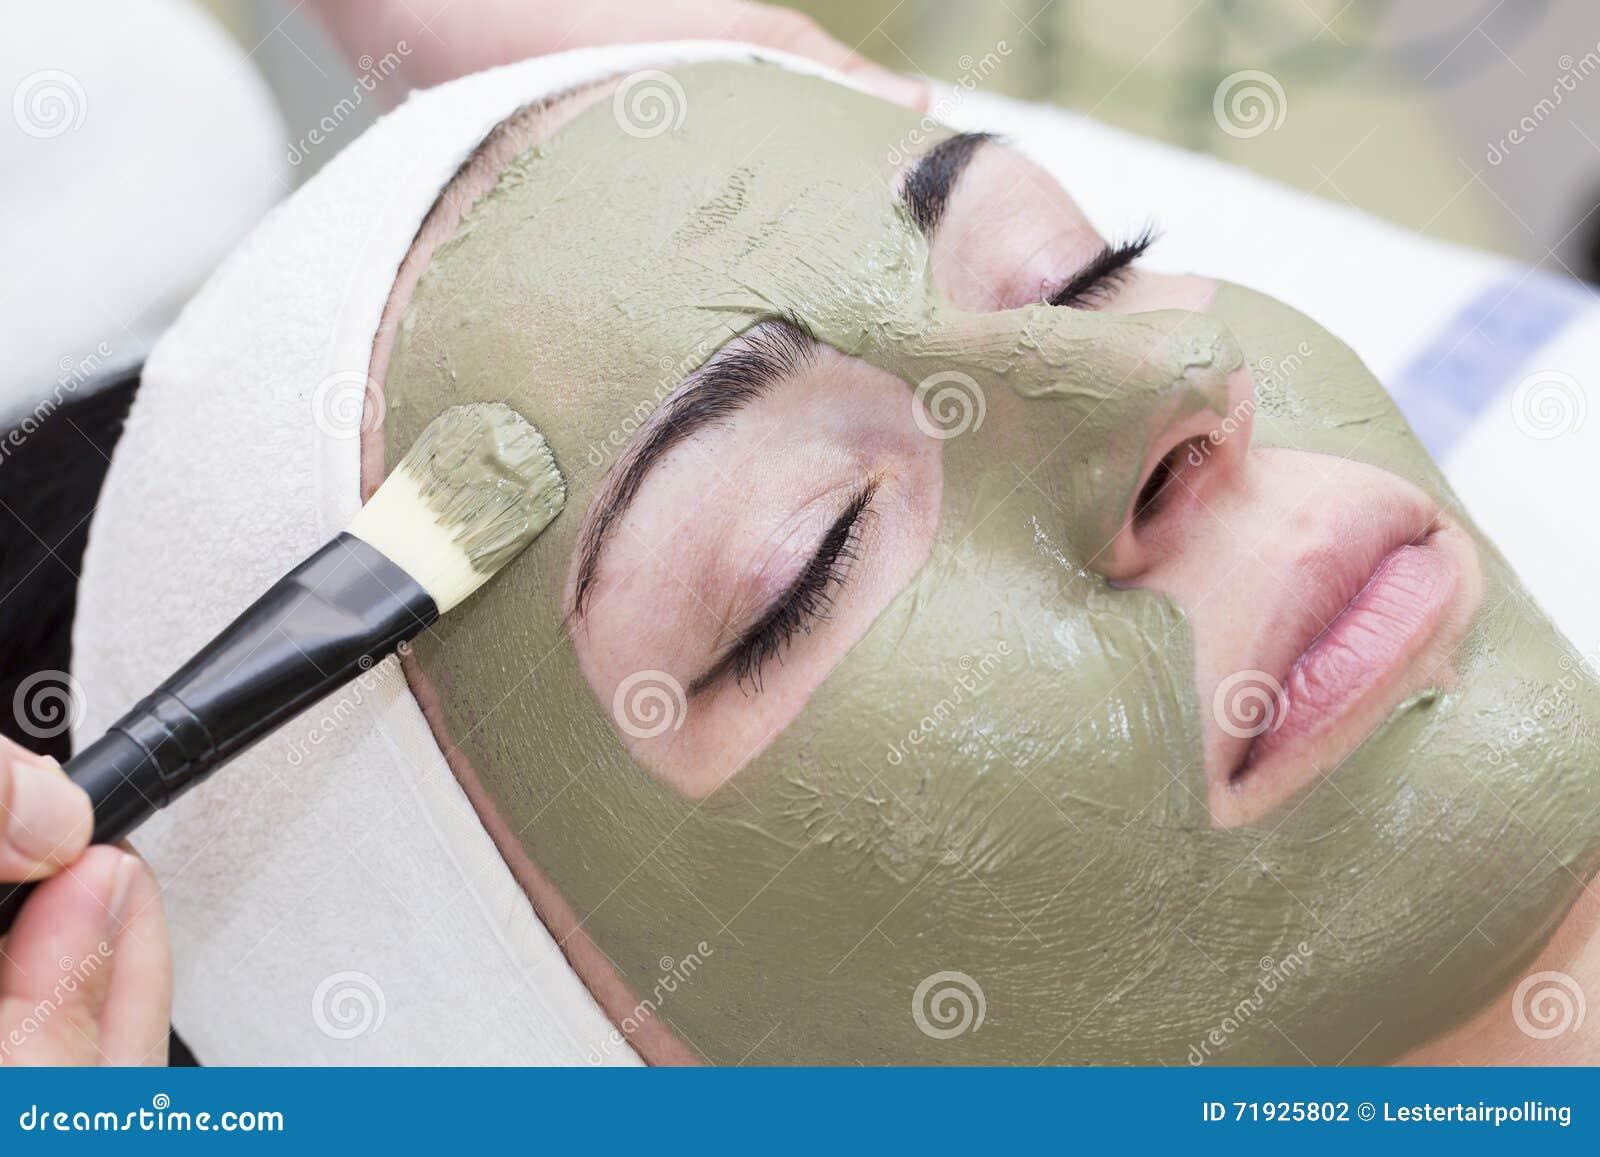 Процесс массажа и уходов за лицом